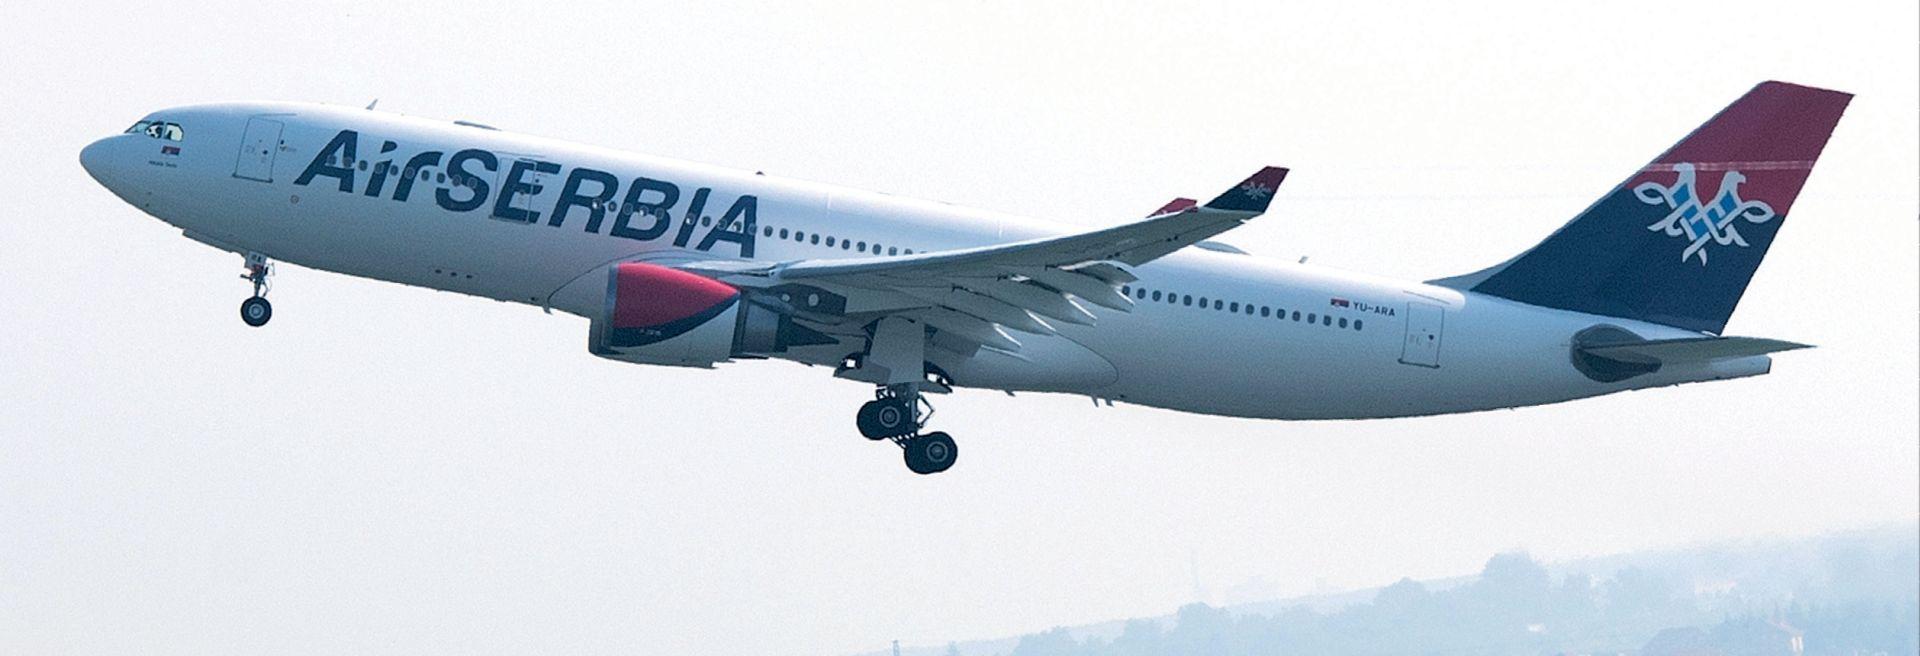 SRPSKA POSLA: Krah aviokompanije i autoindustrije, a Vučić piše kolumnu hvalospjeva o Ikei za tabloid Alo